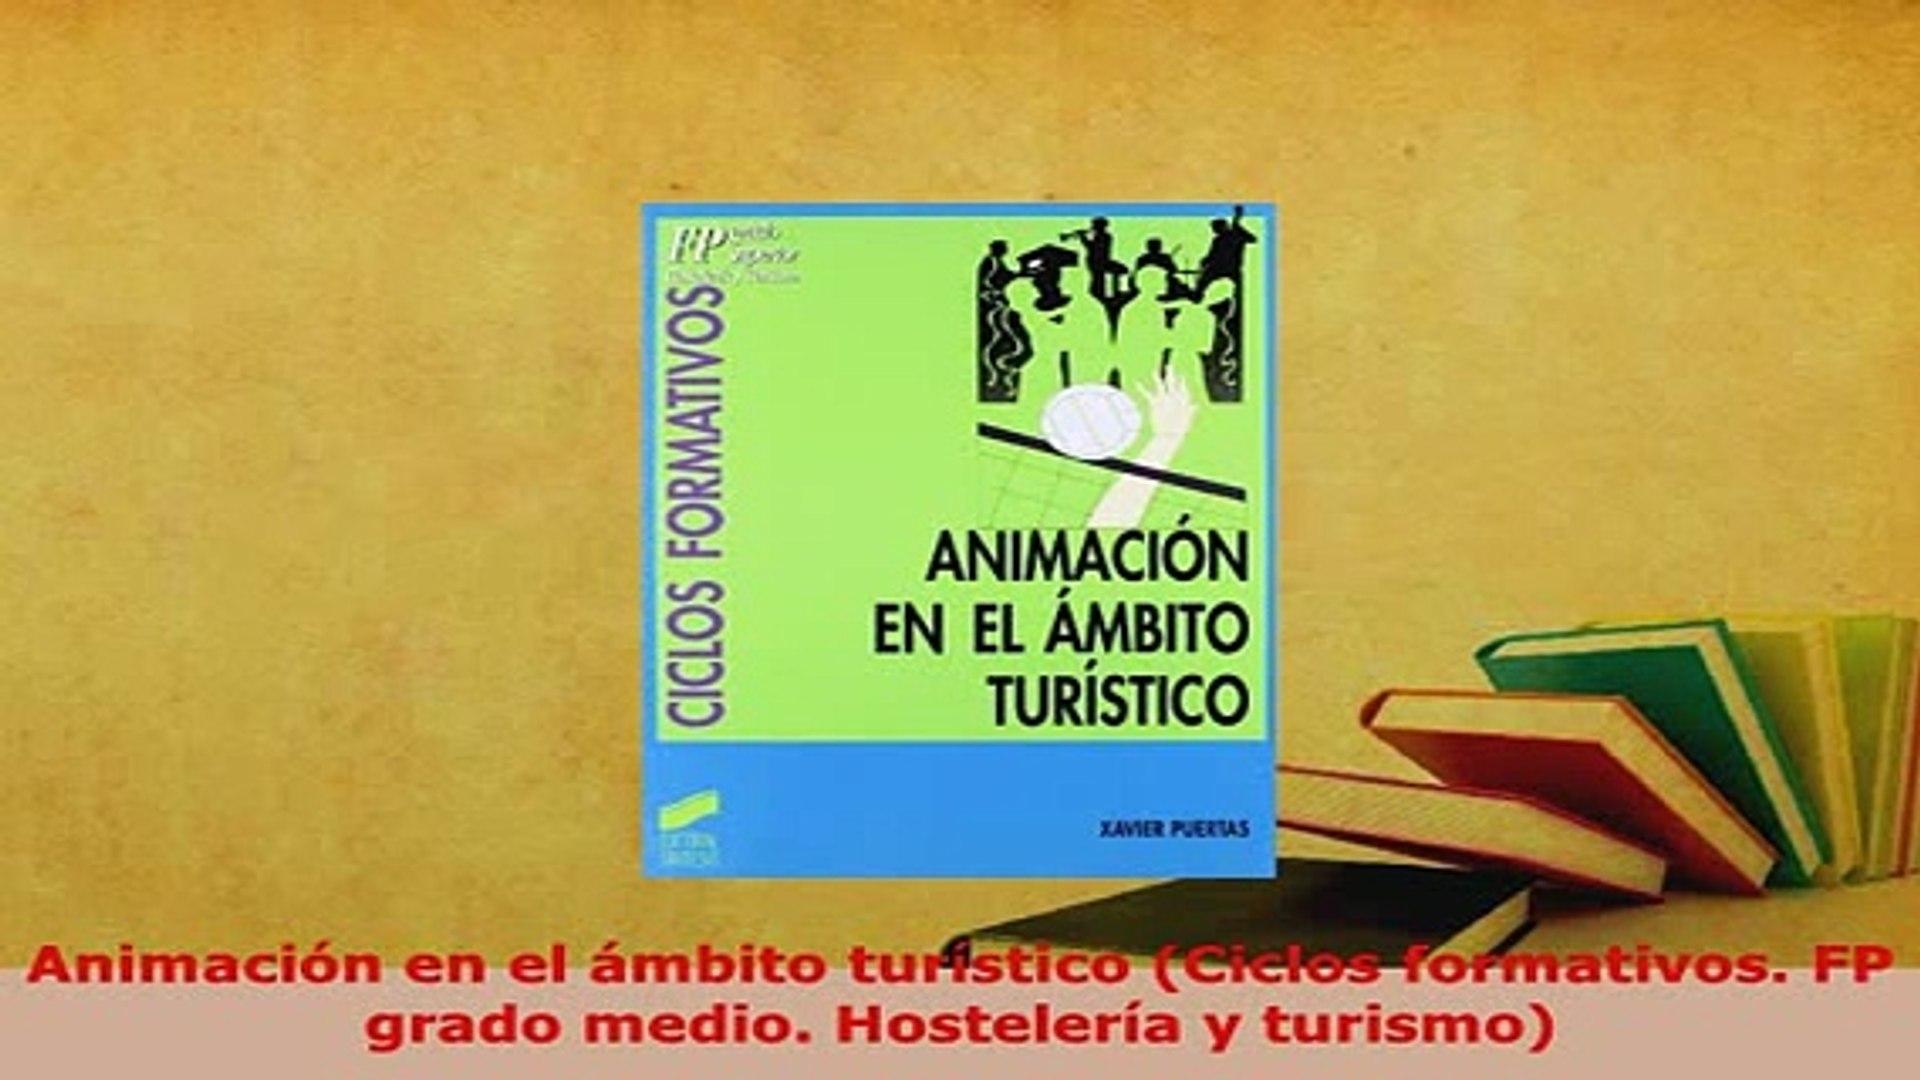 Pdf Animación En El ámbito Turístico Ciclos Formativos Fp Grado Medio Hostelería Y Turismo Download Full Ebook